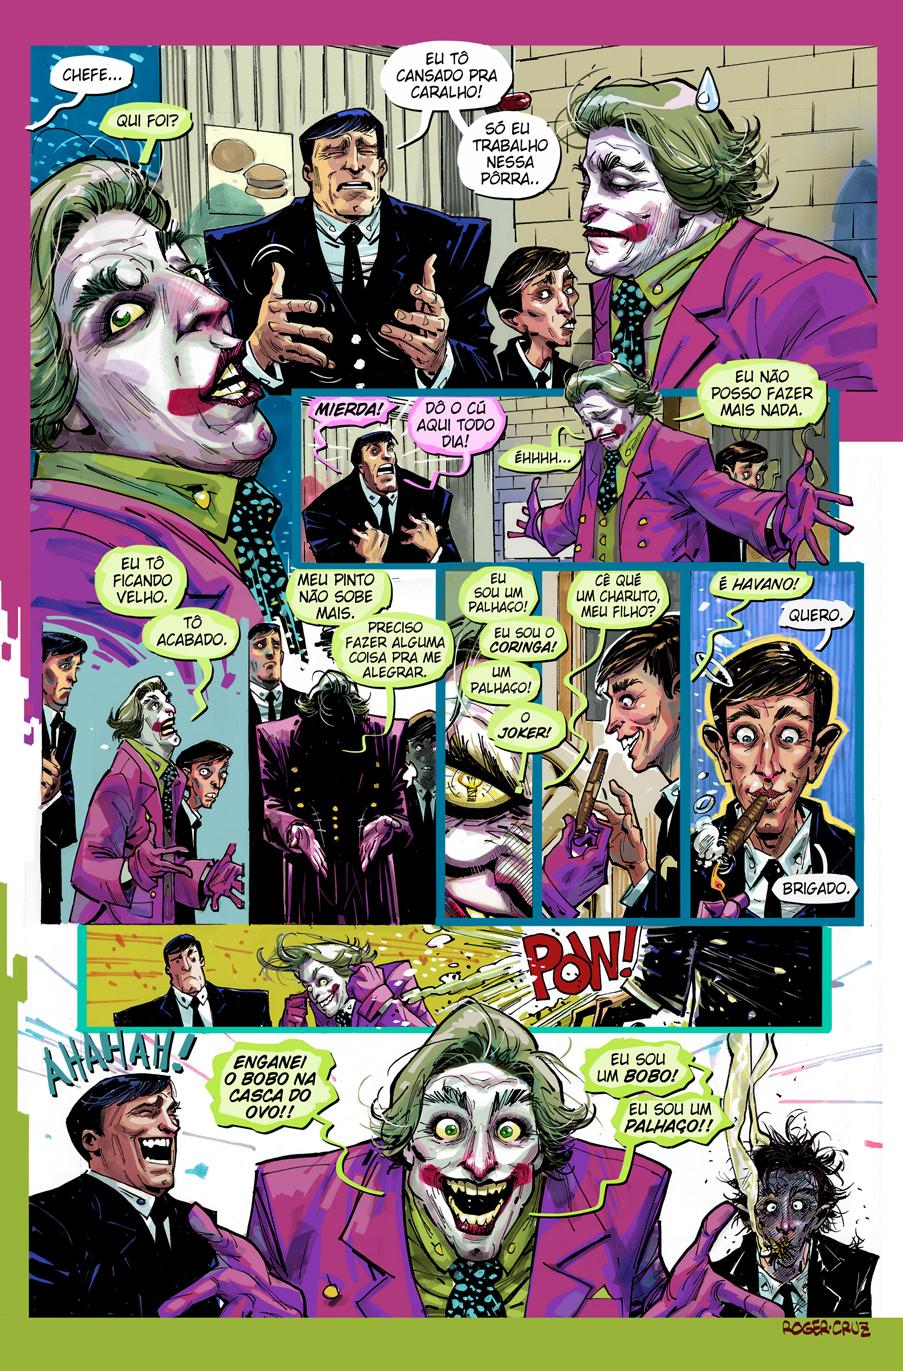 [Tópico Oficial] Batman na Feira da Fruta em Quadrinhos - Página 3 Feira+da+fruta+24+Roger